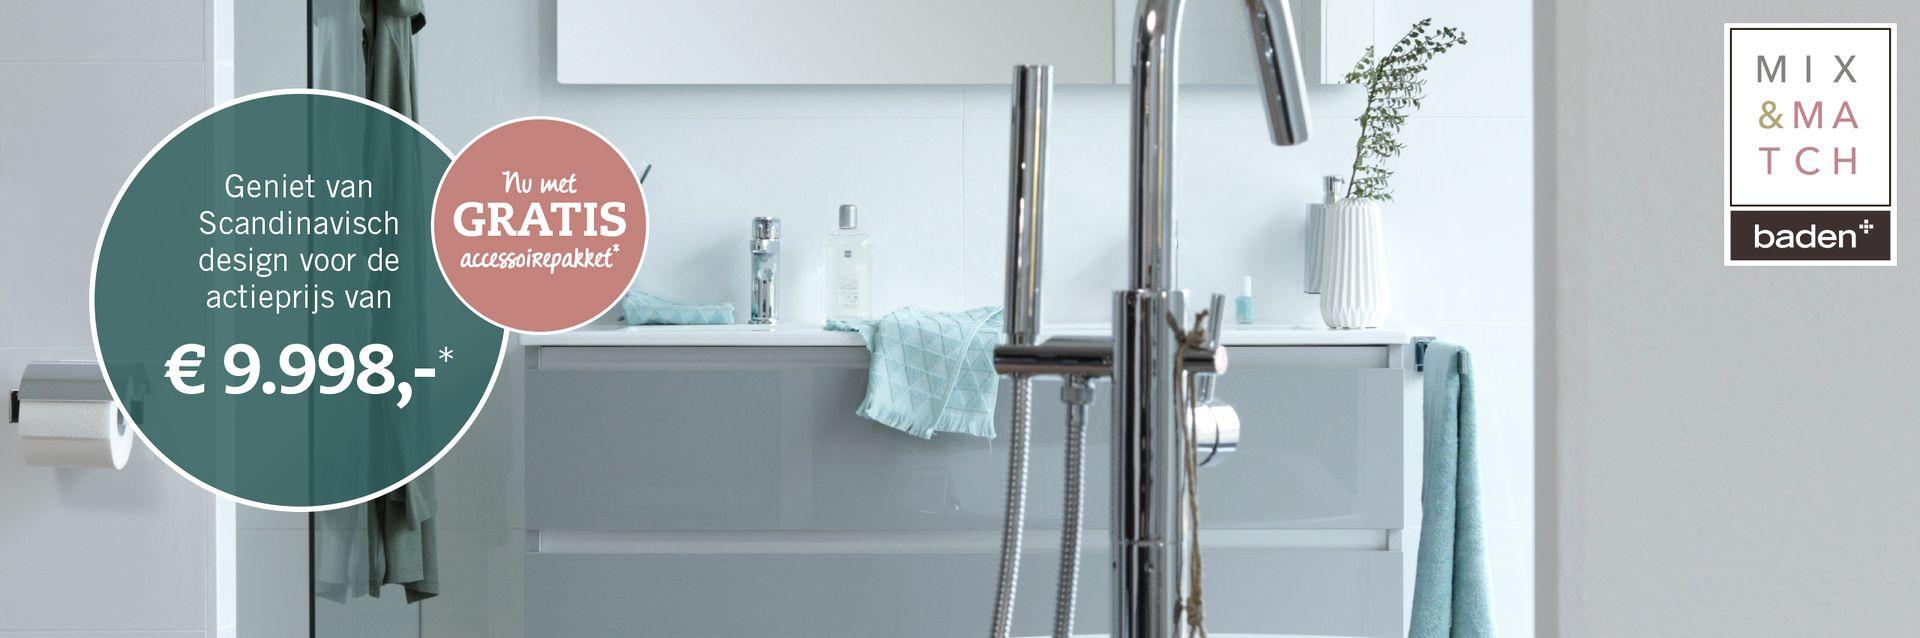 Actie scandinavische badkamer 2018 - Sanitair- en Tegelhuis ...